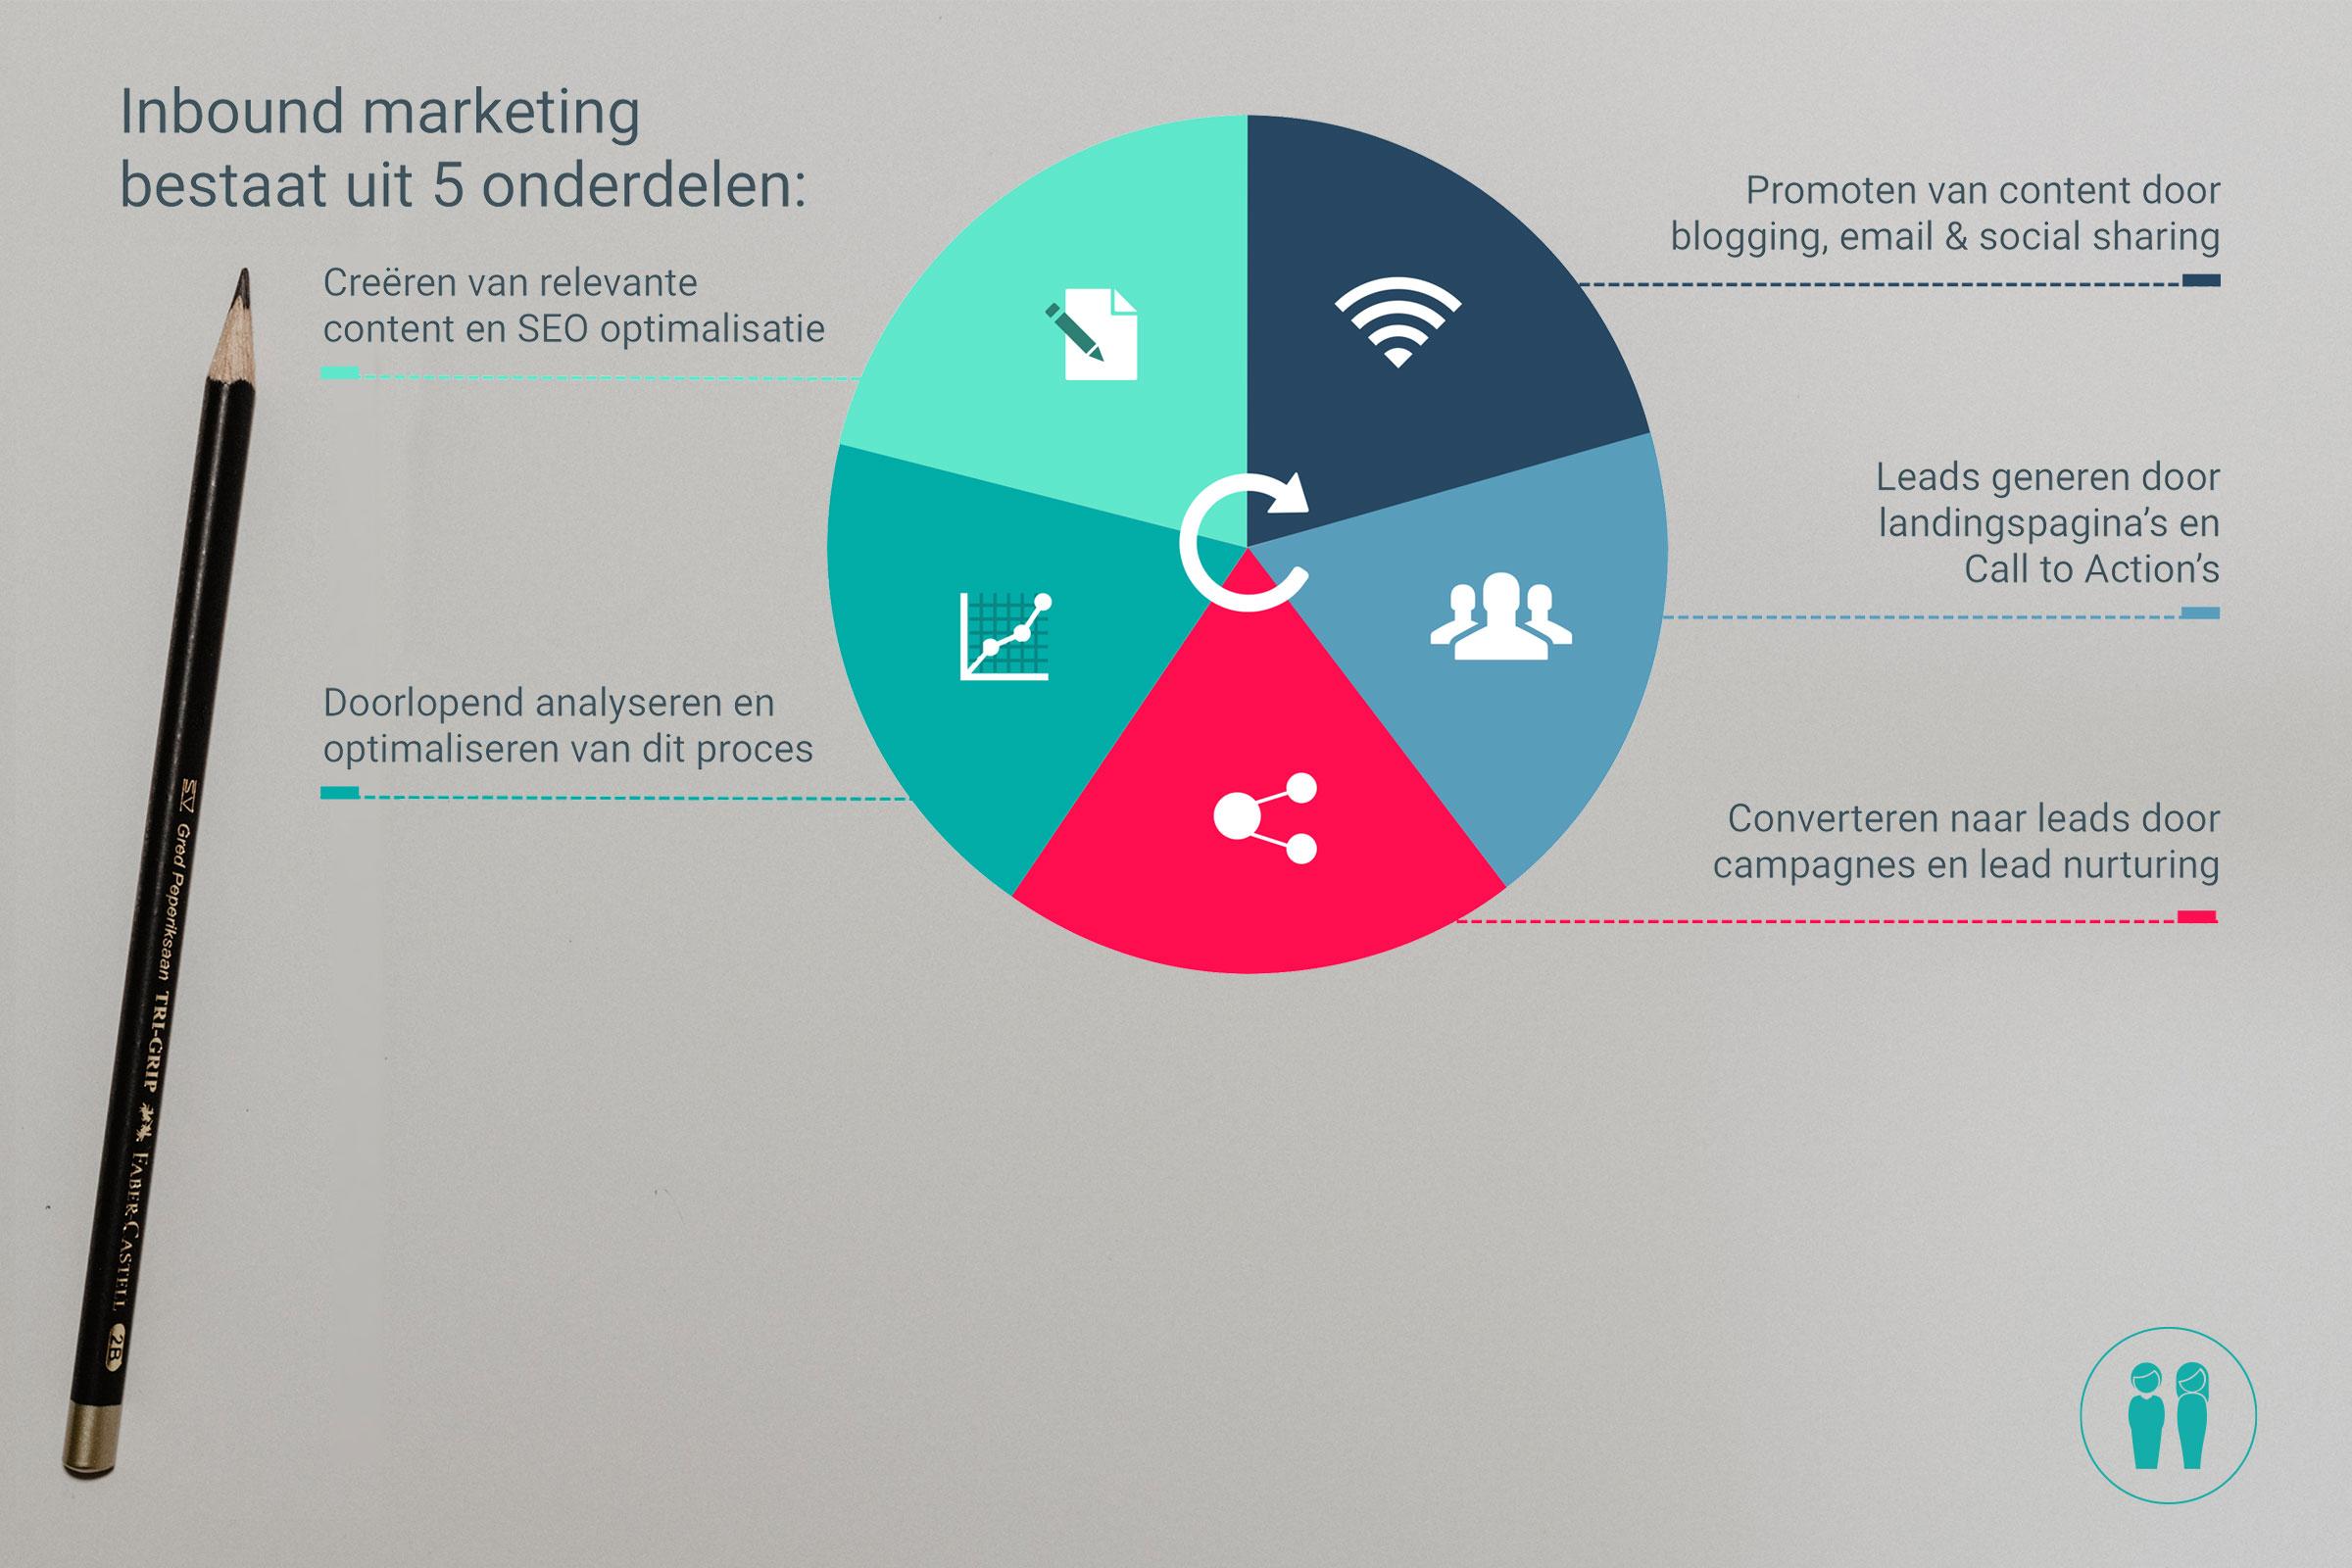 5 onderdelen inbound marketing